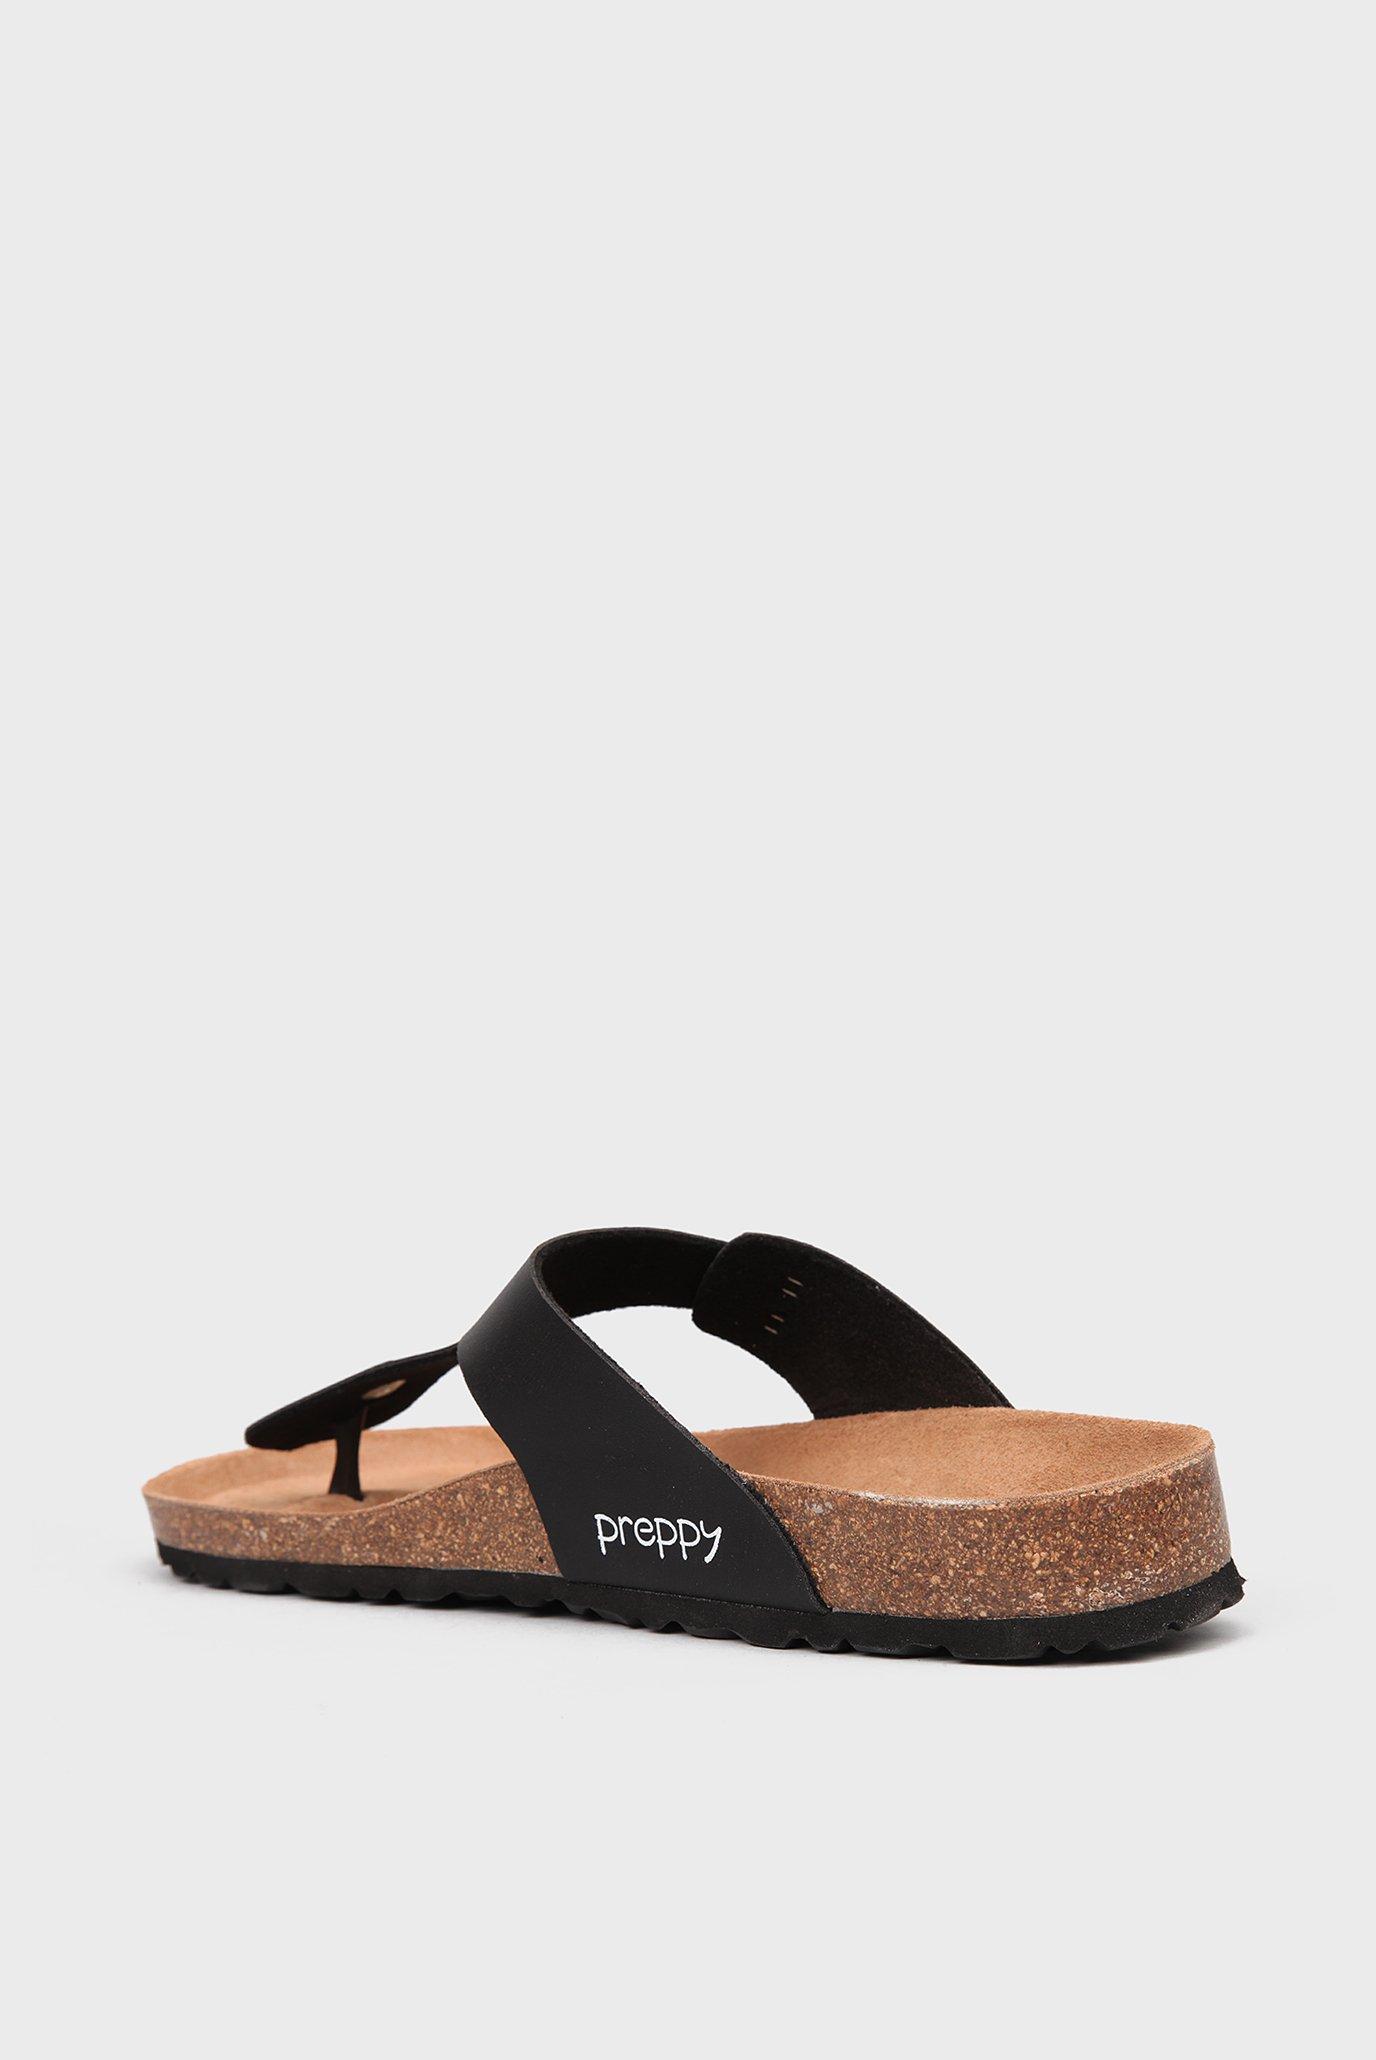 Купить Мужские черные сандалии с пряжкой Preppy Preppy 2.71.4370.427 – Киев, Украина. Цены в интернет магазине MD Fashion